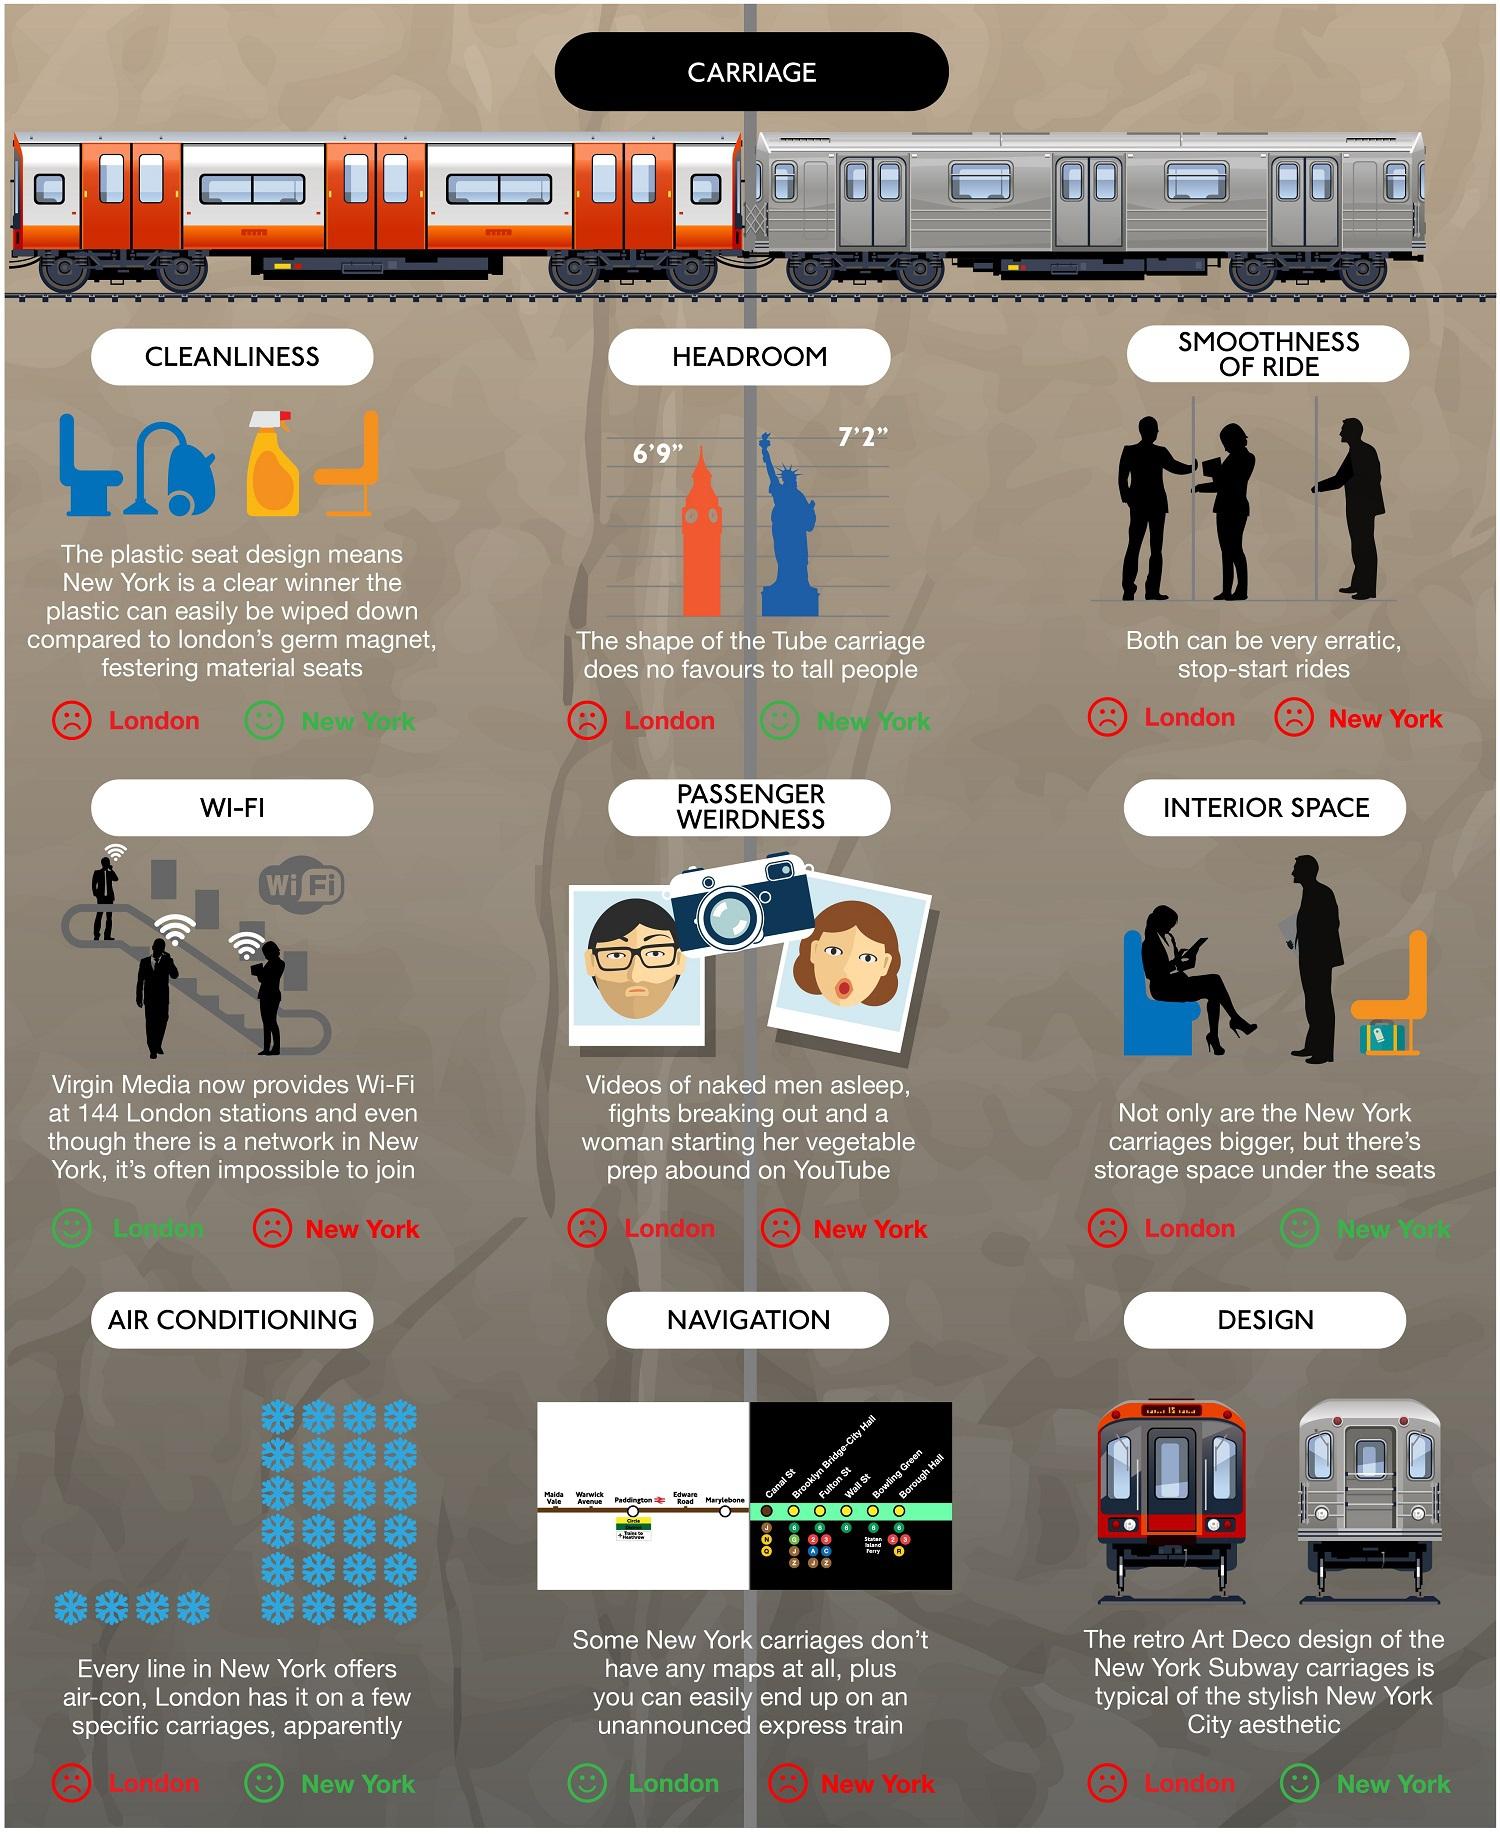 London Underground vs New York City Subway